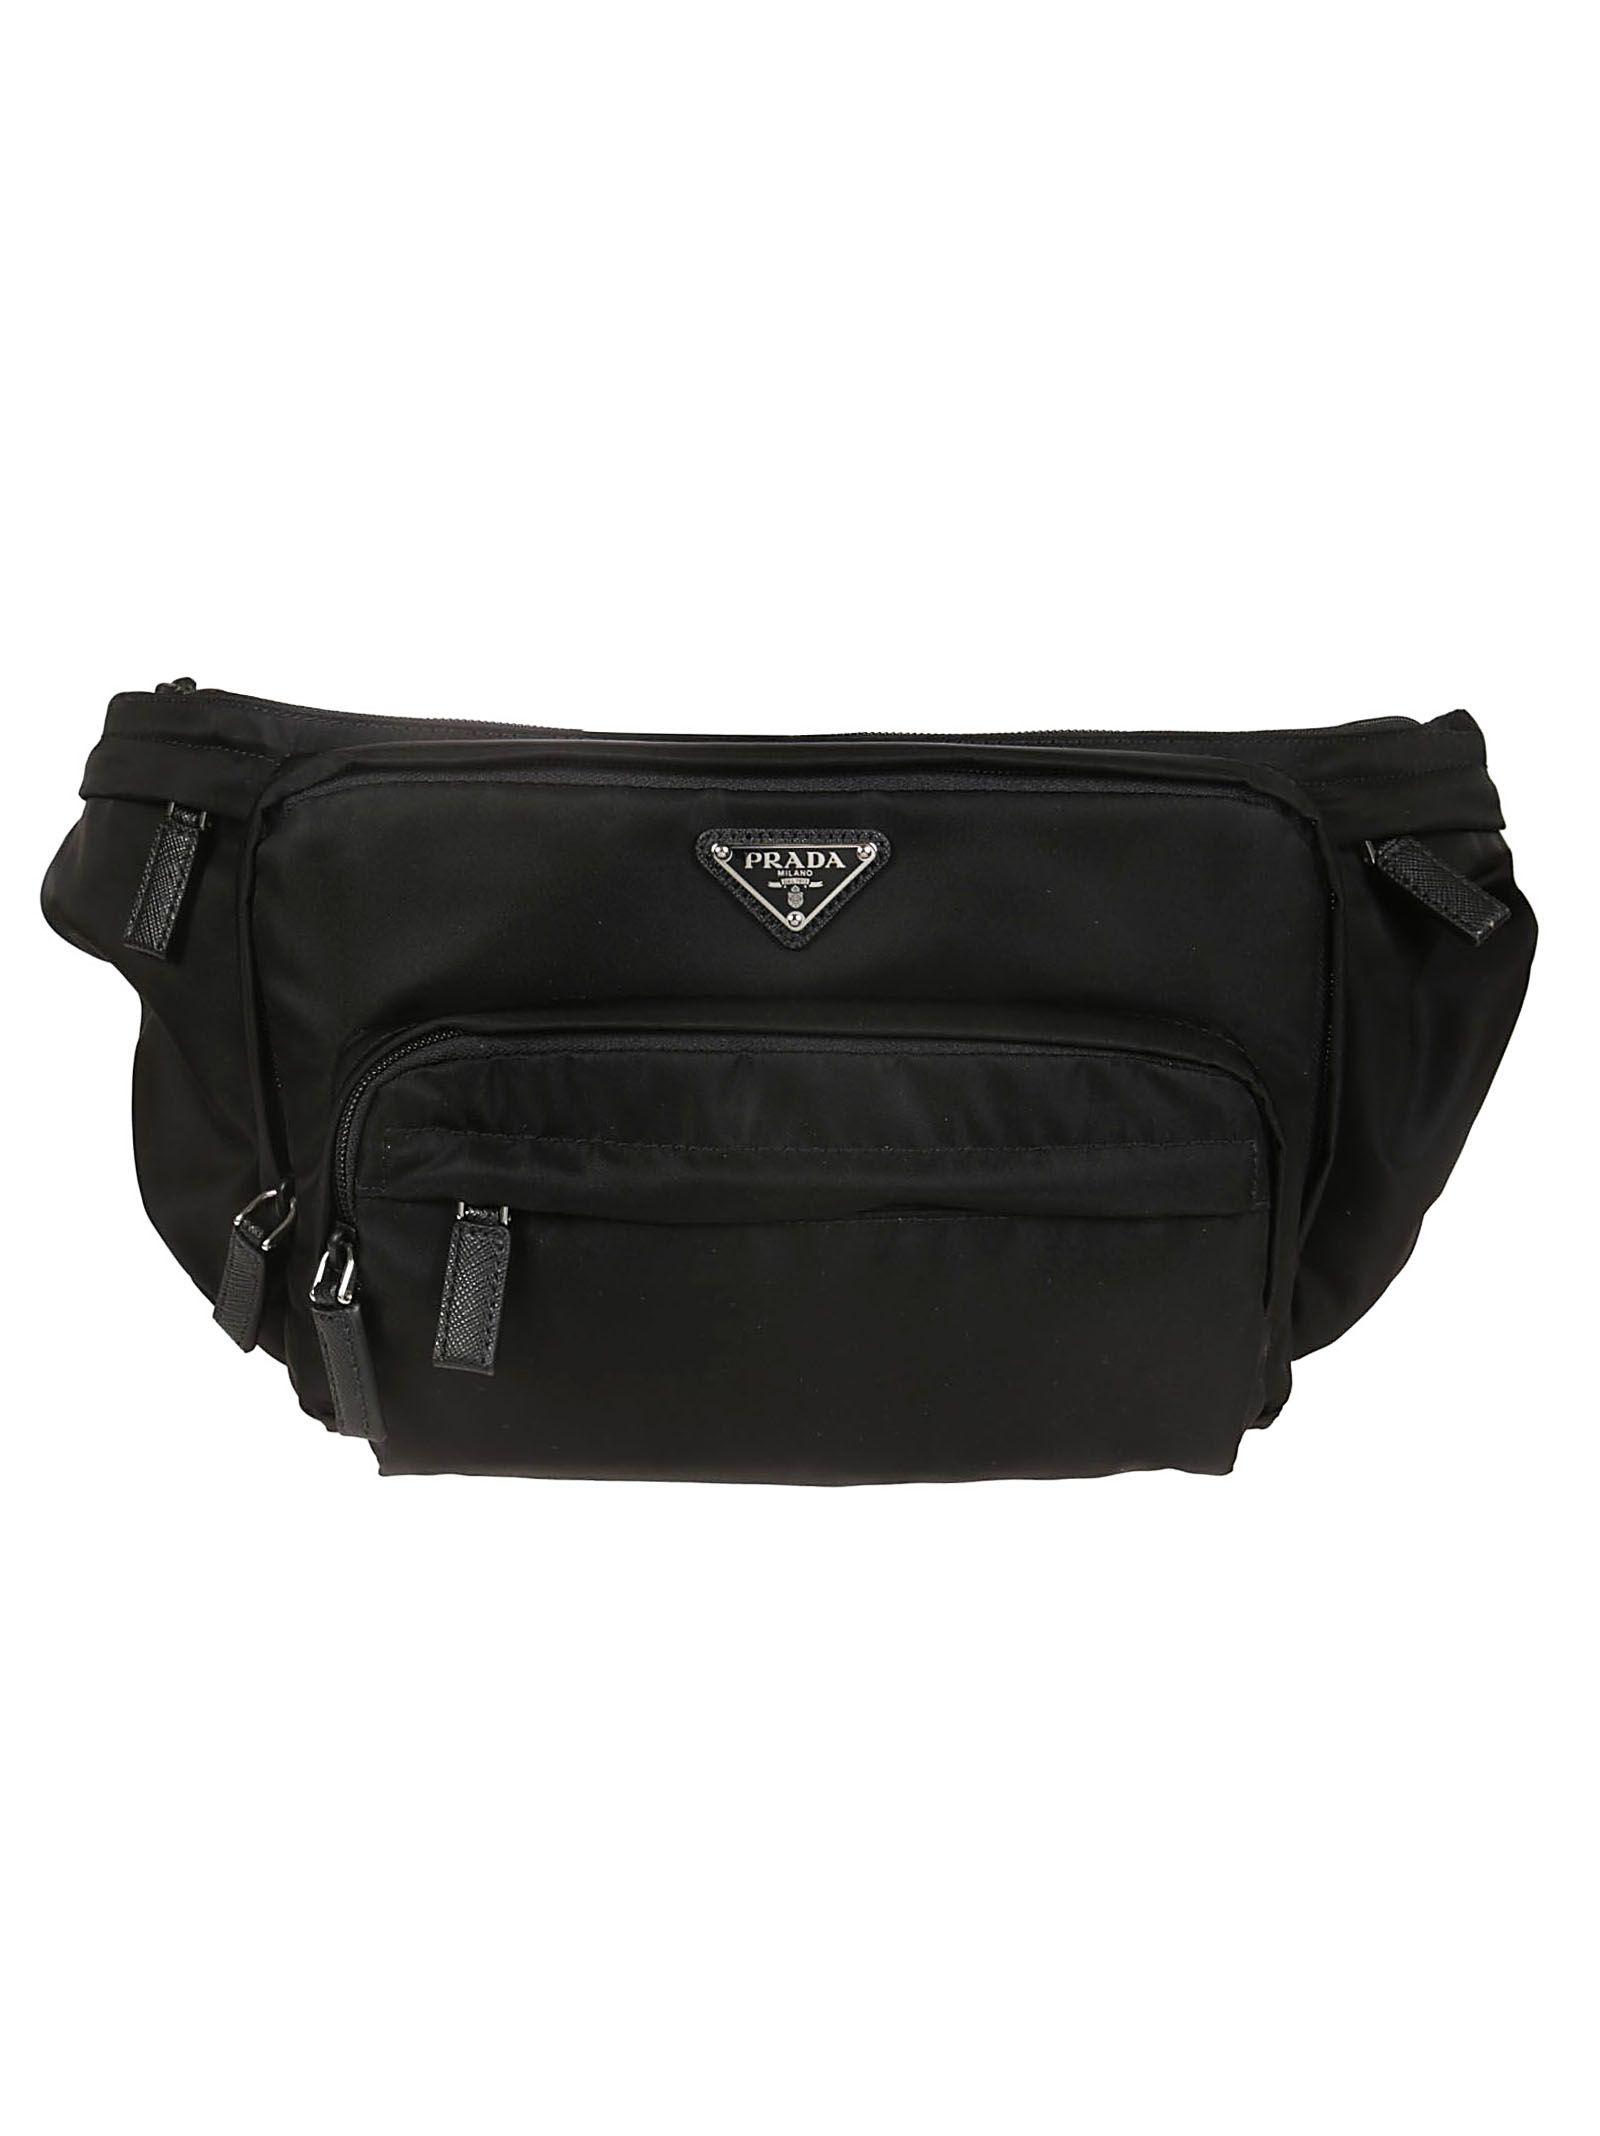 3341e927bf7203 Prada Prada Logo Plaque Belt Bag - Black - 10831244 | italist